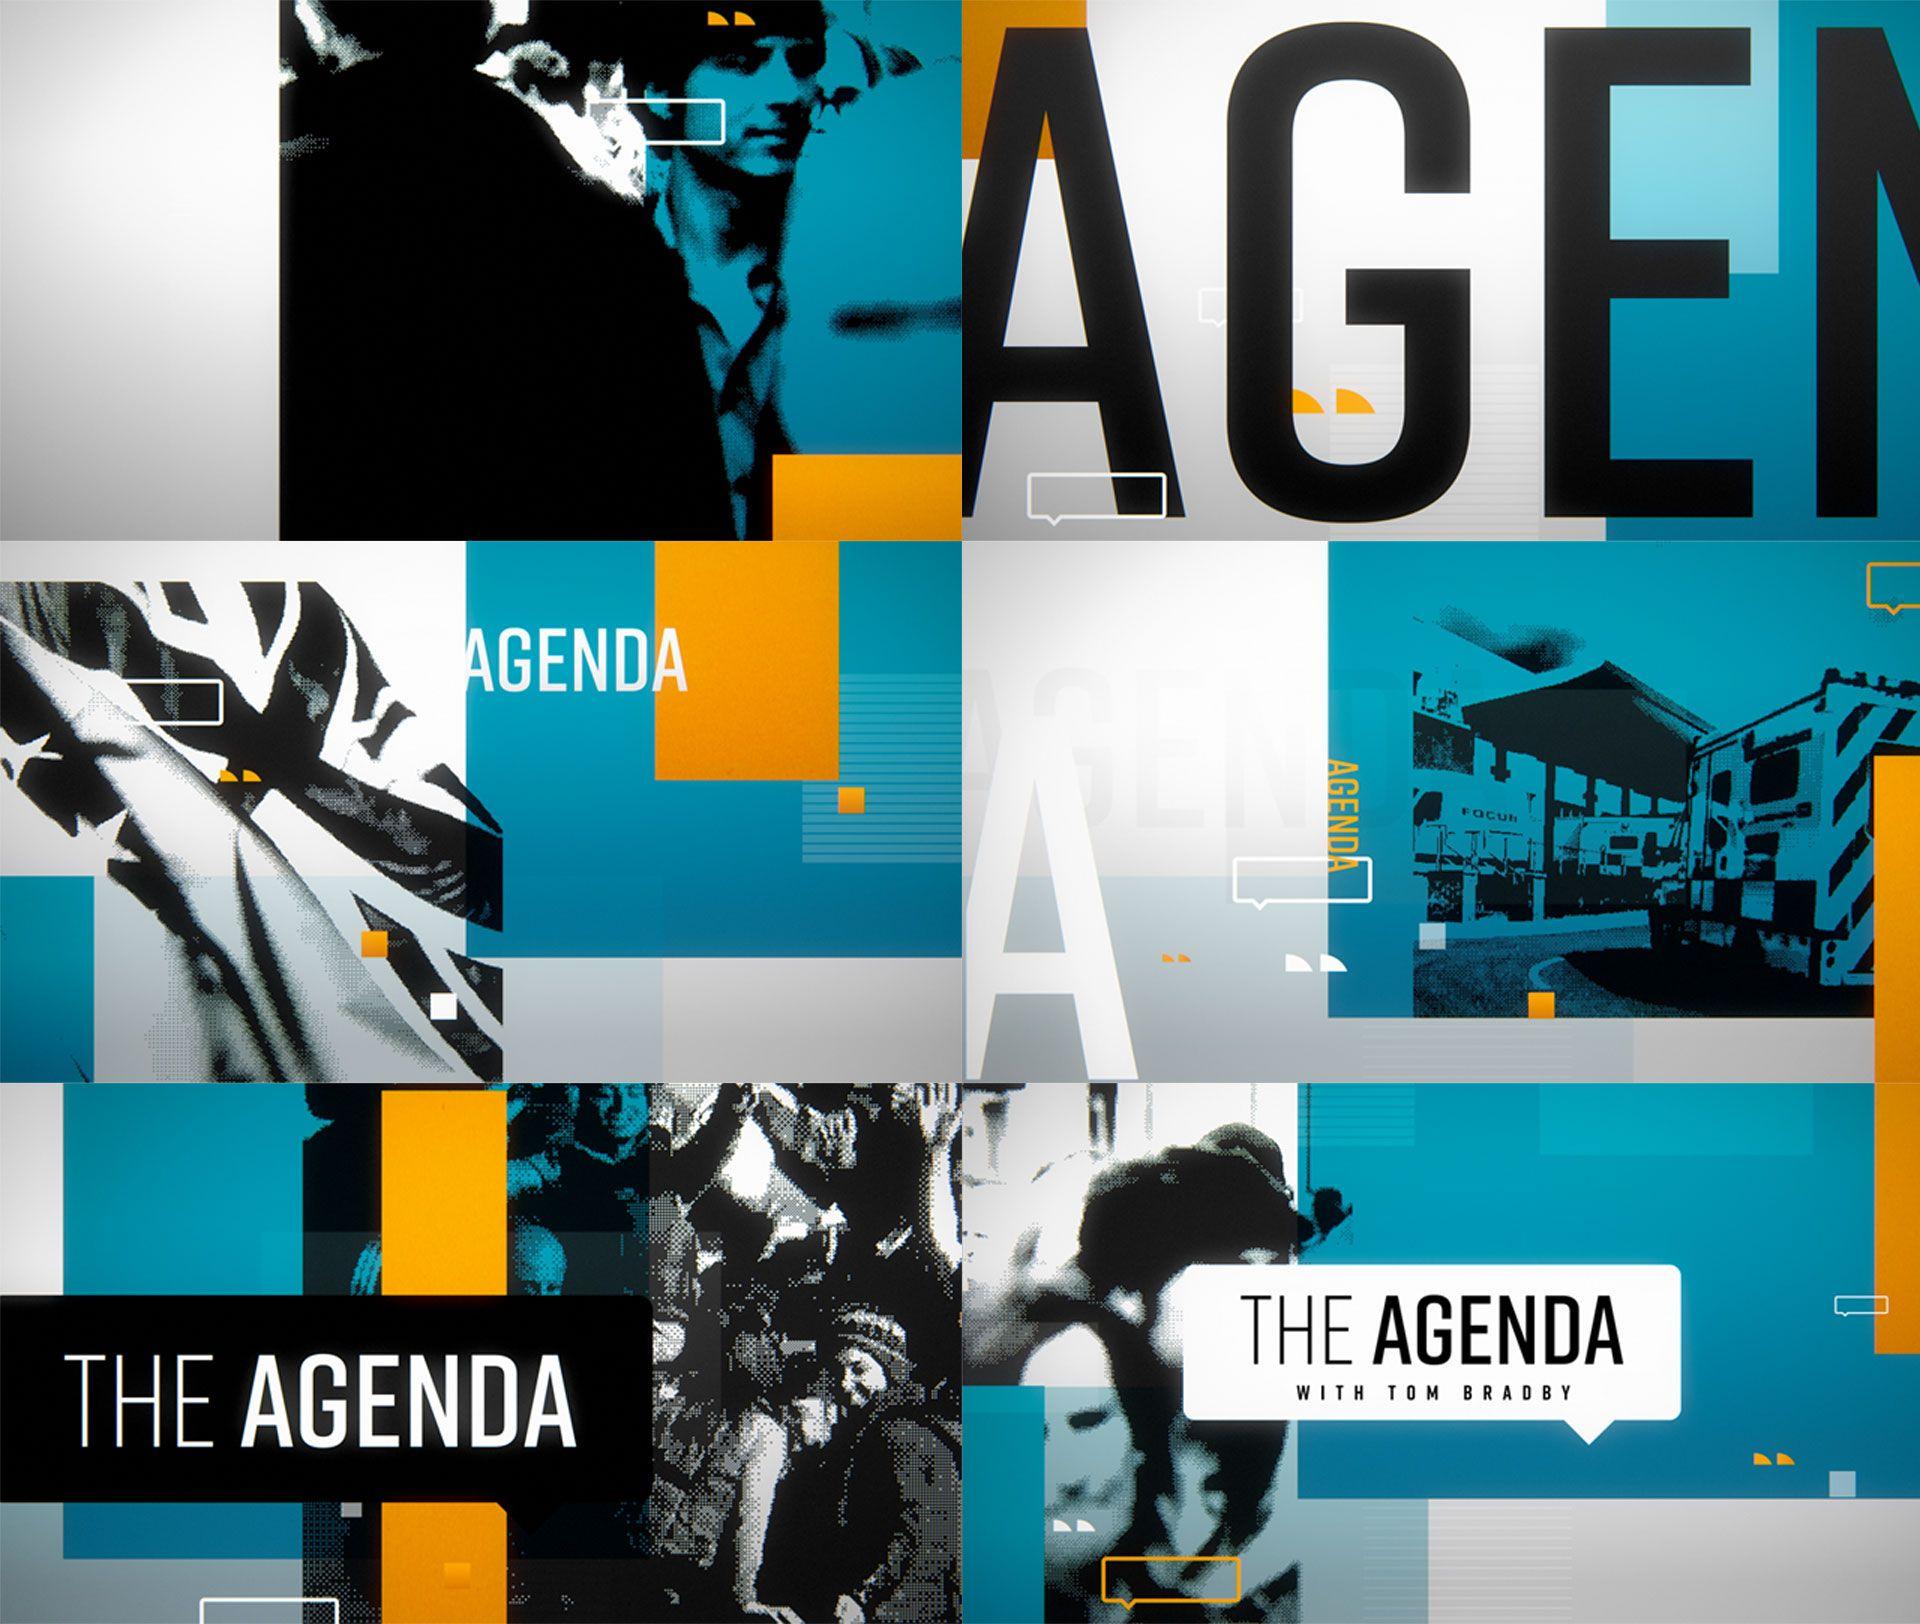 AgendaTitles  Branding  Identity  System    Motion